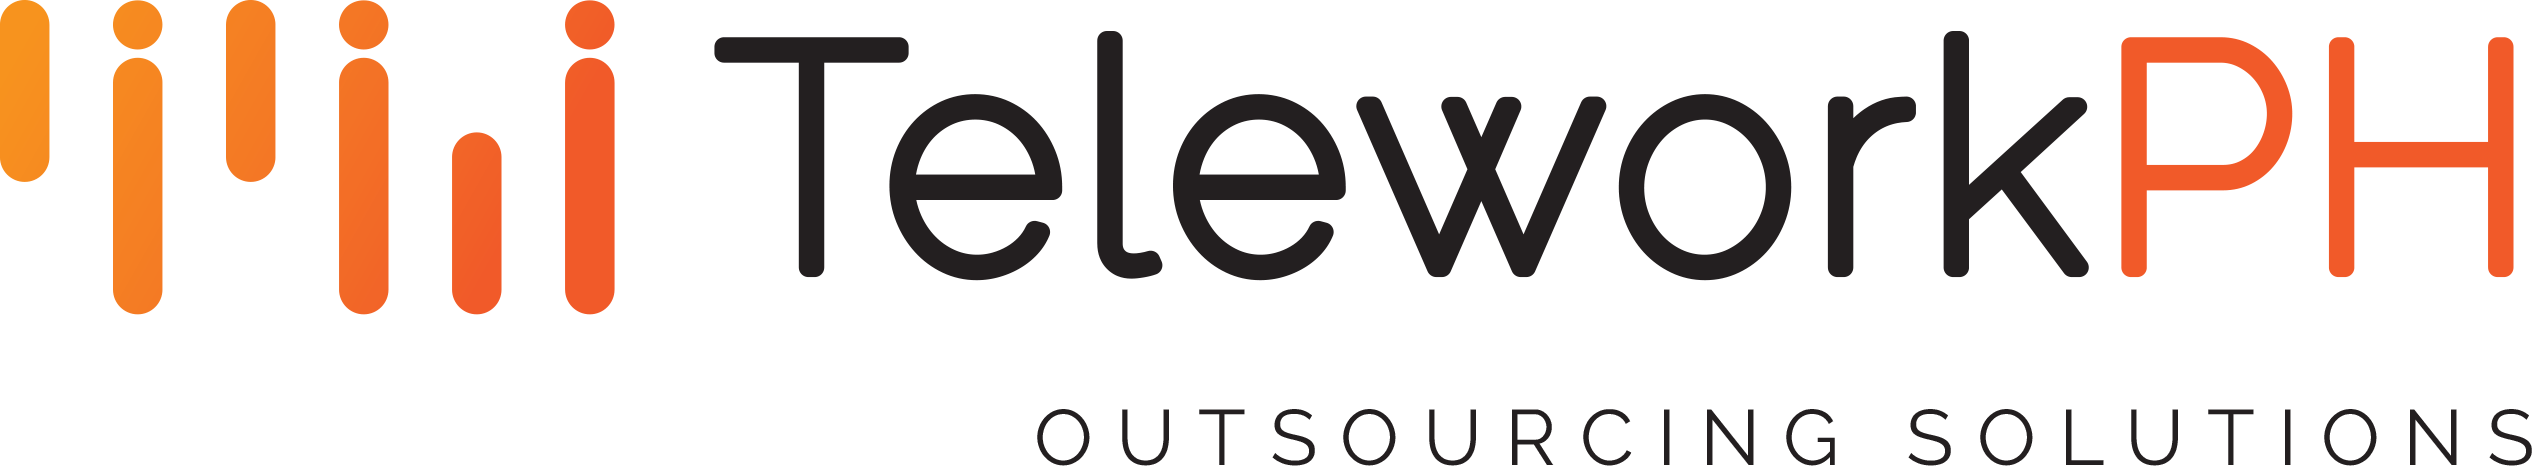 logo-whitebg-horiz